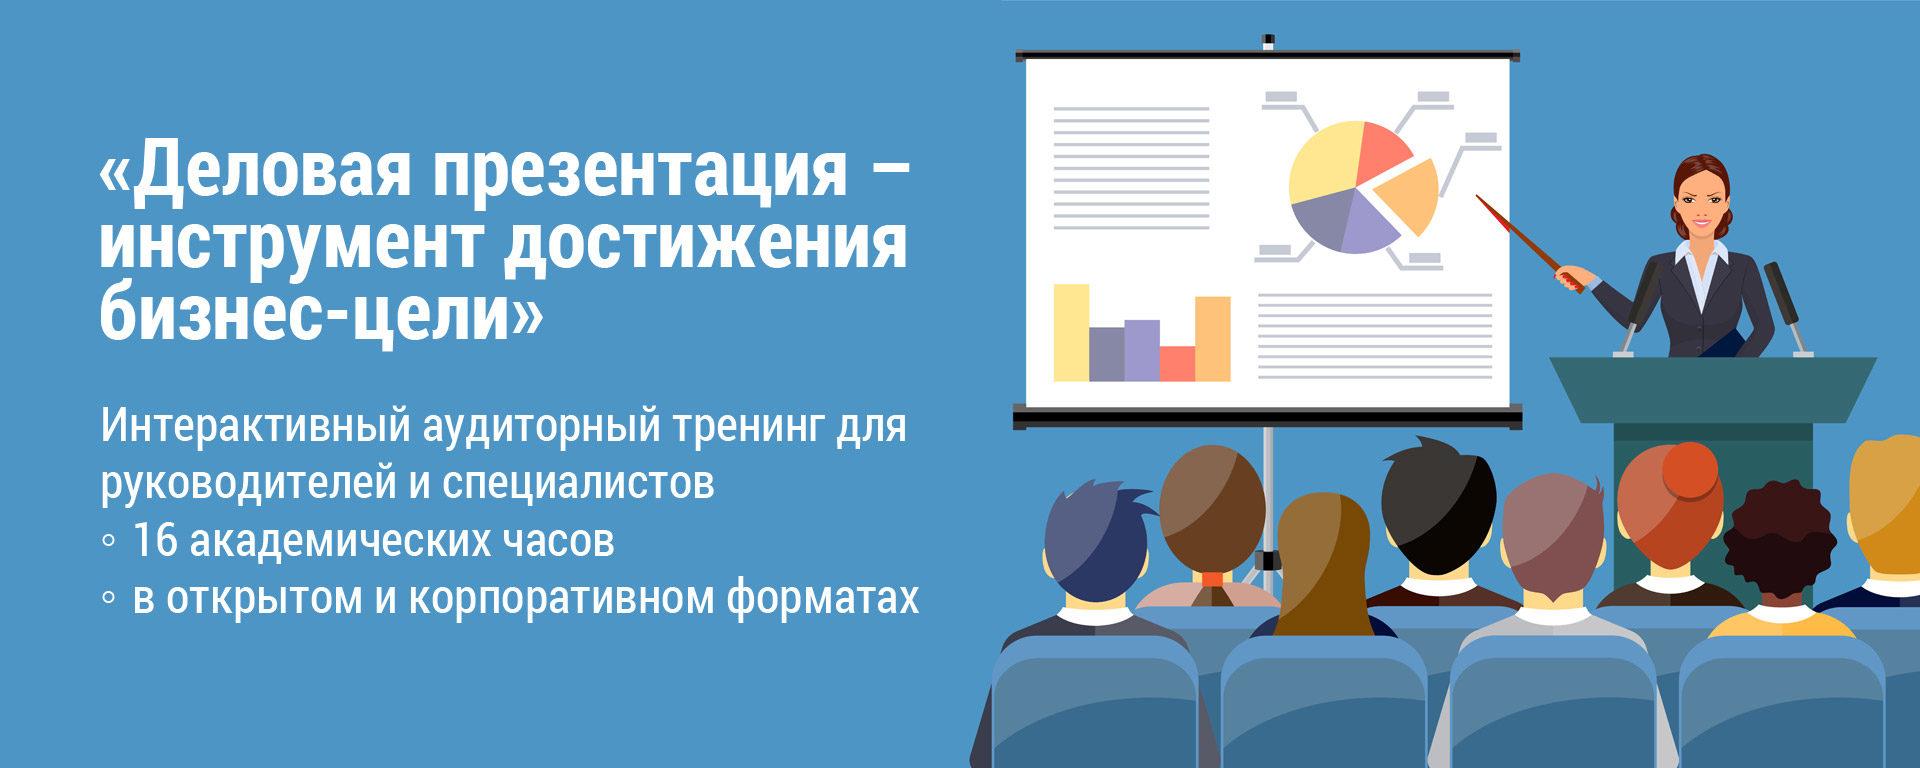 Тренинг «Деловая презентация – инструмент достижения бизнес-цели»